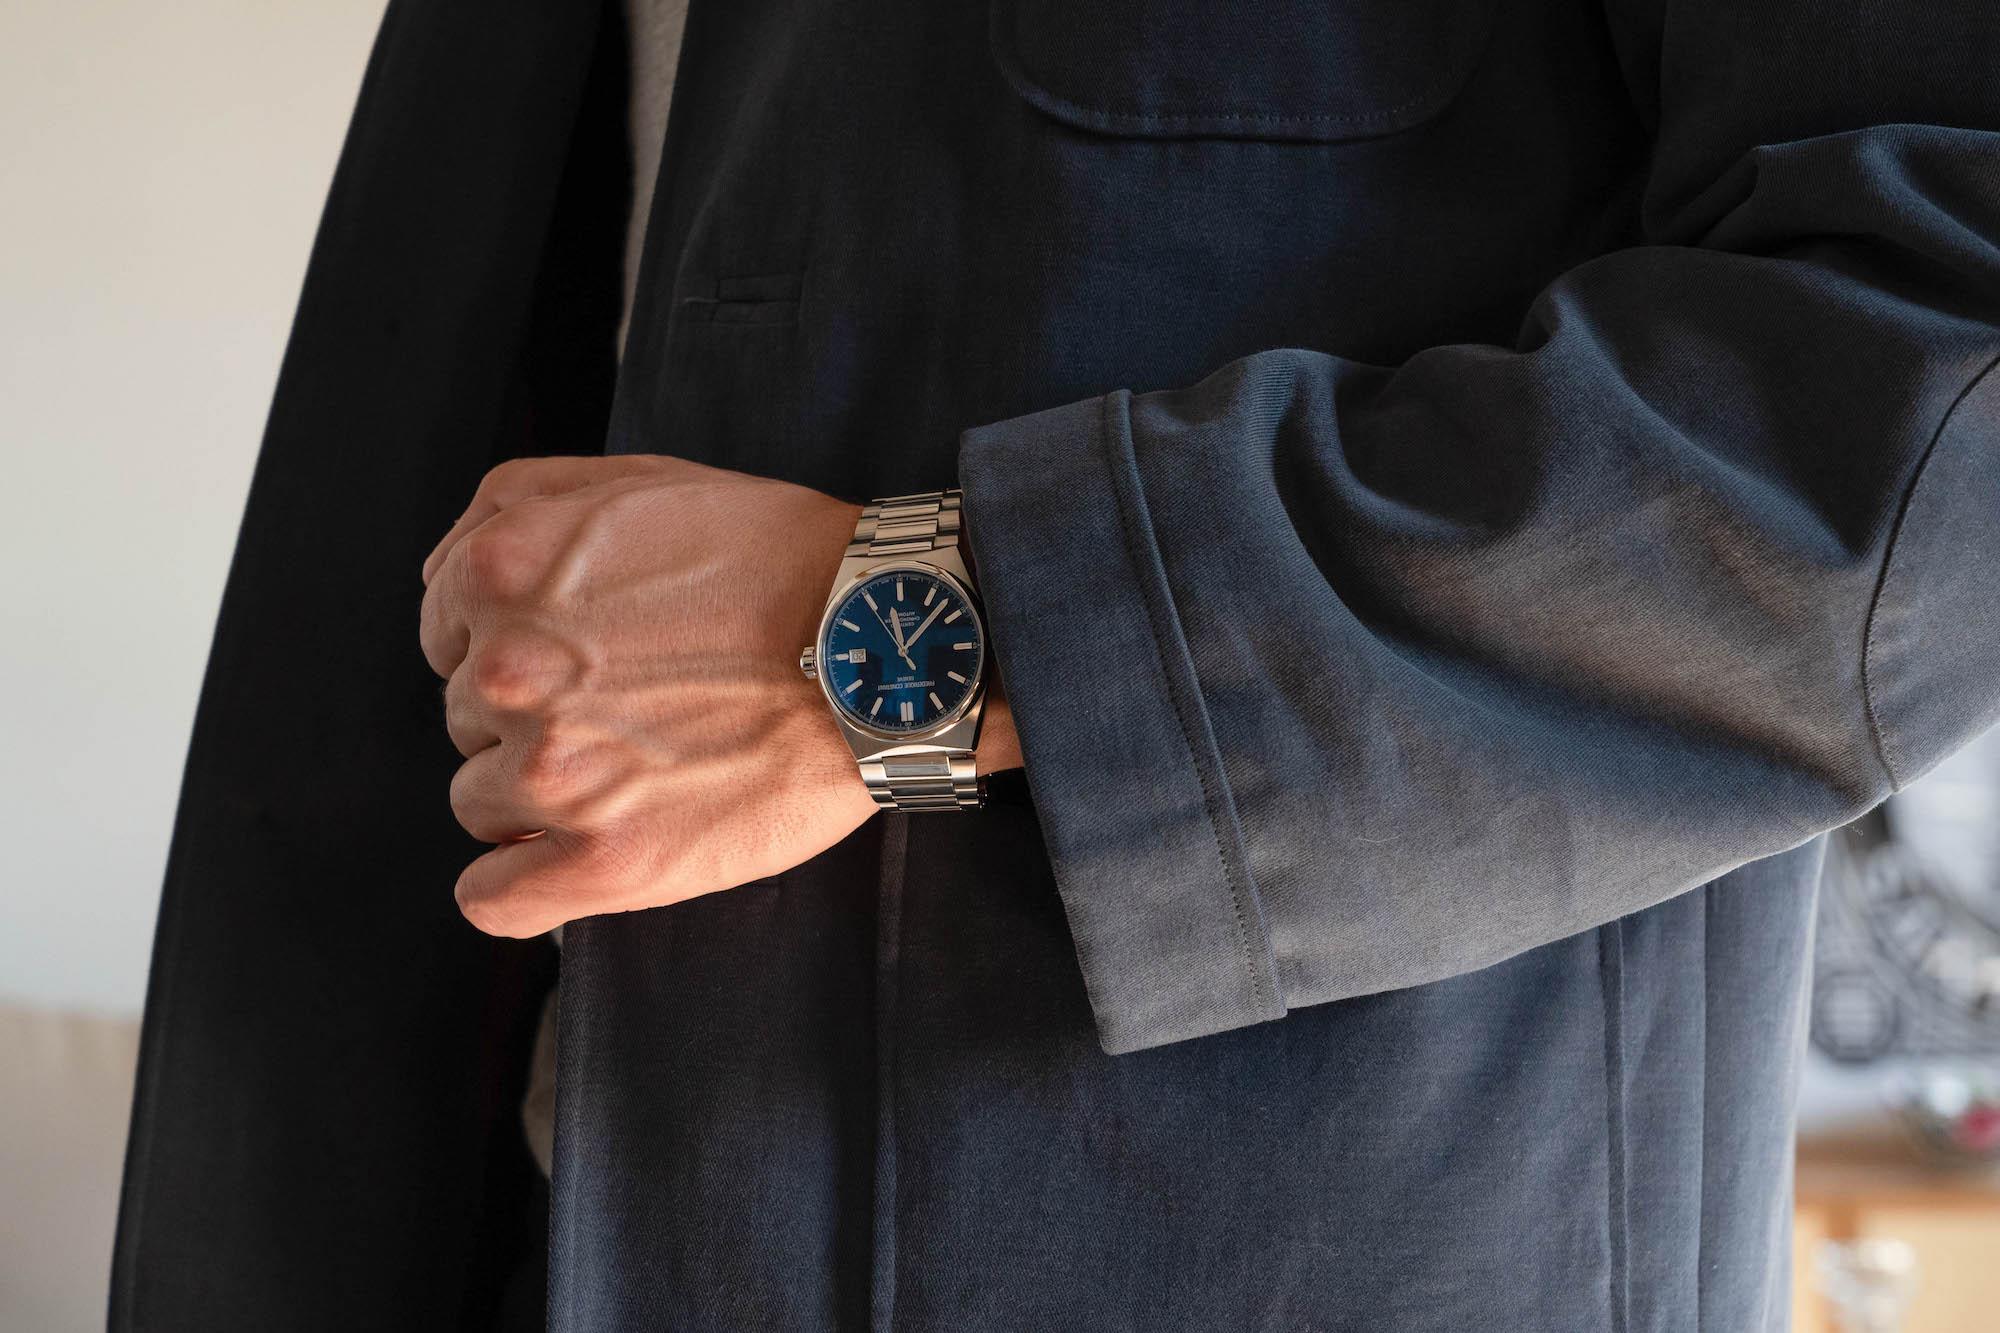 Frederique Constant Highlife portee au poignet bleu